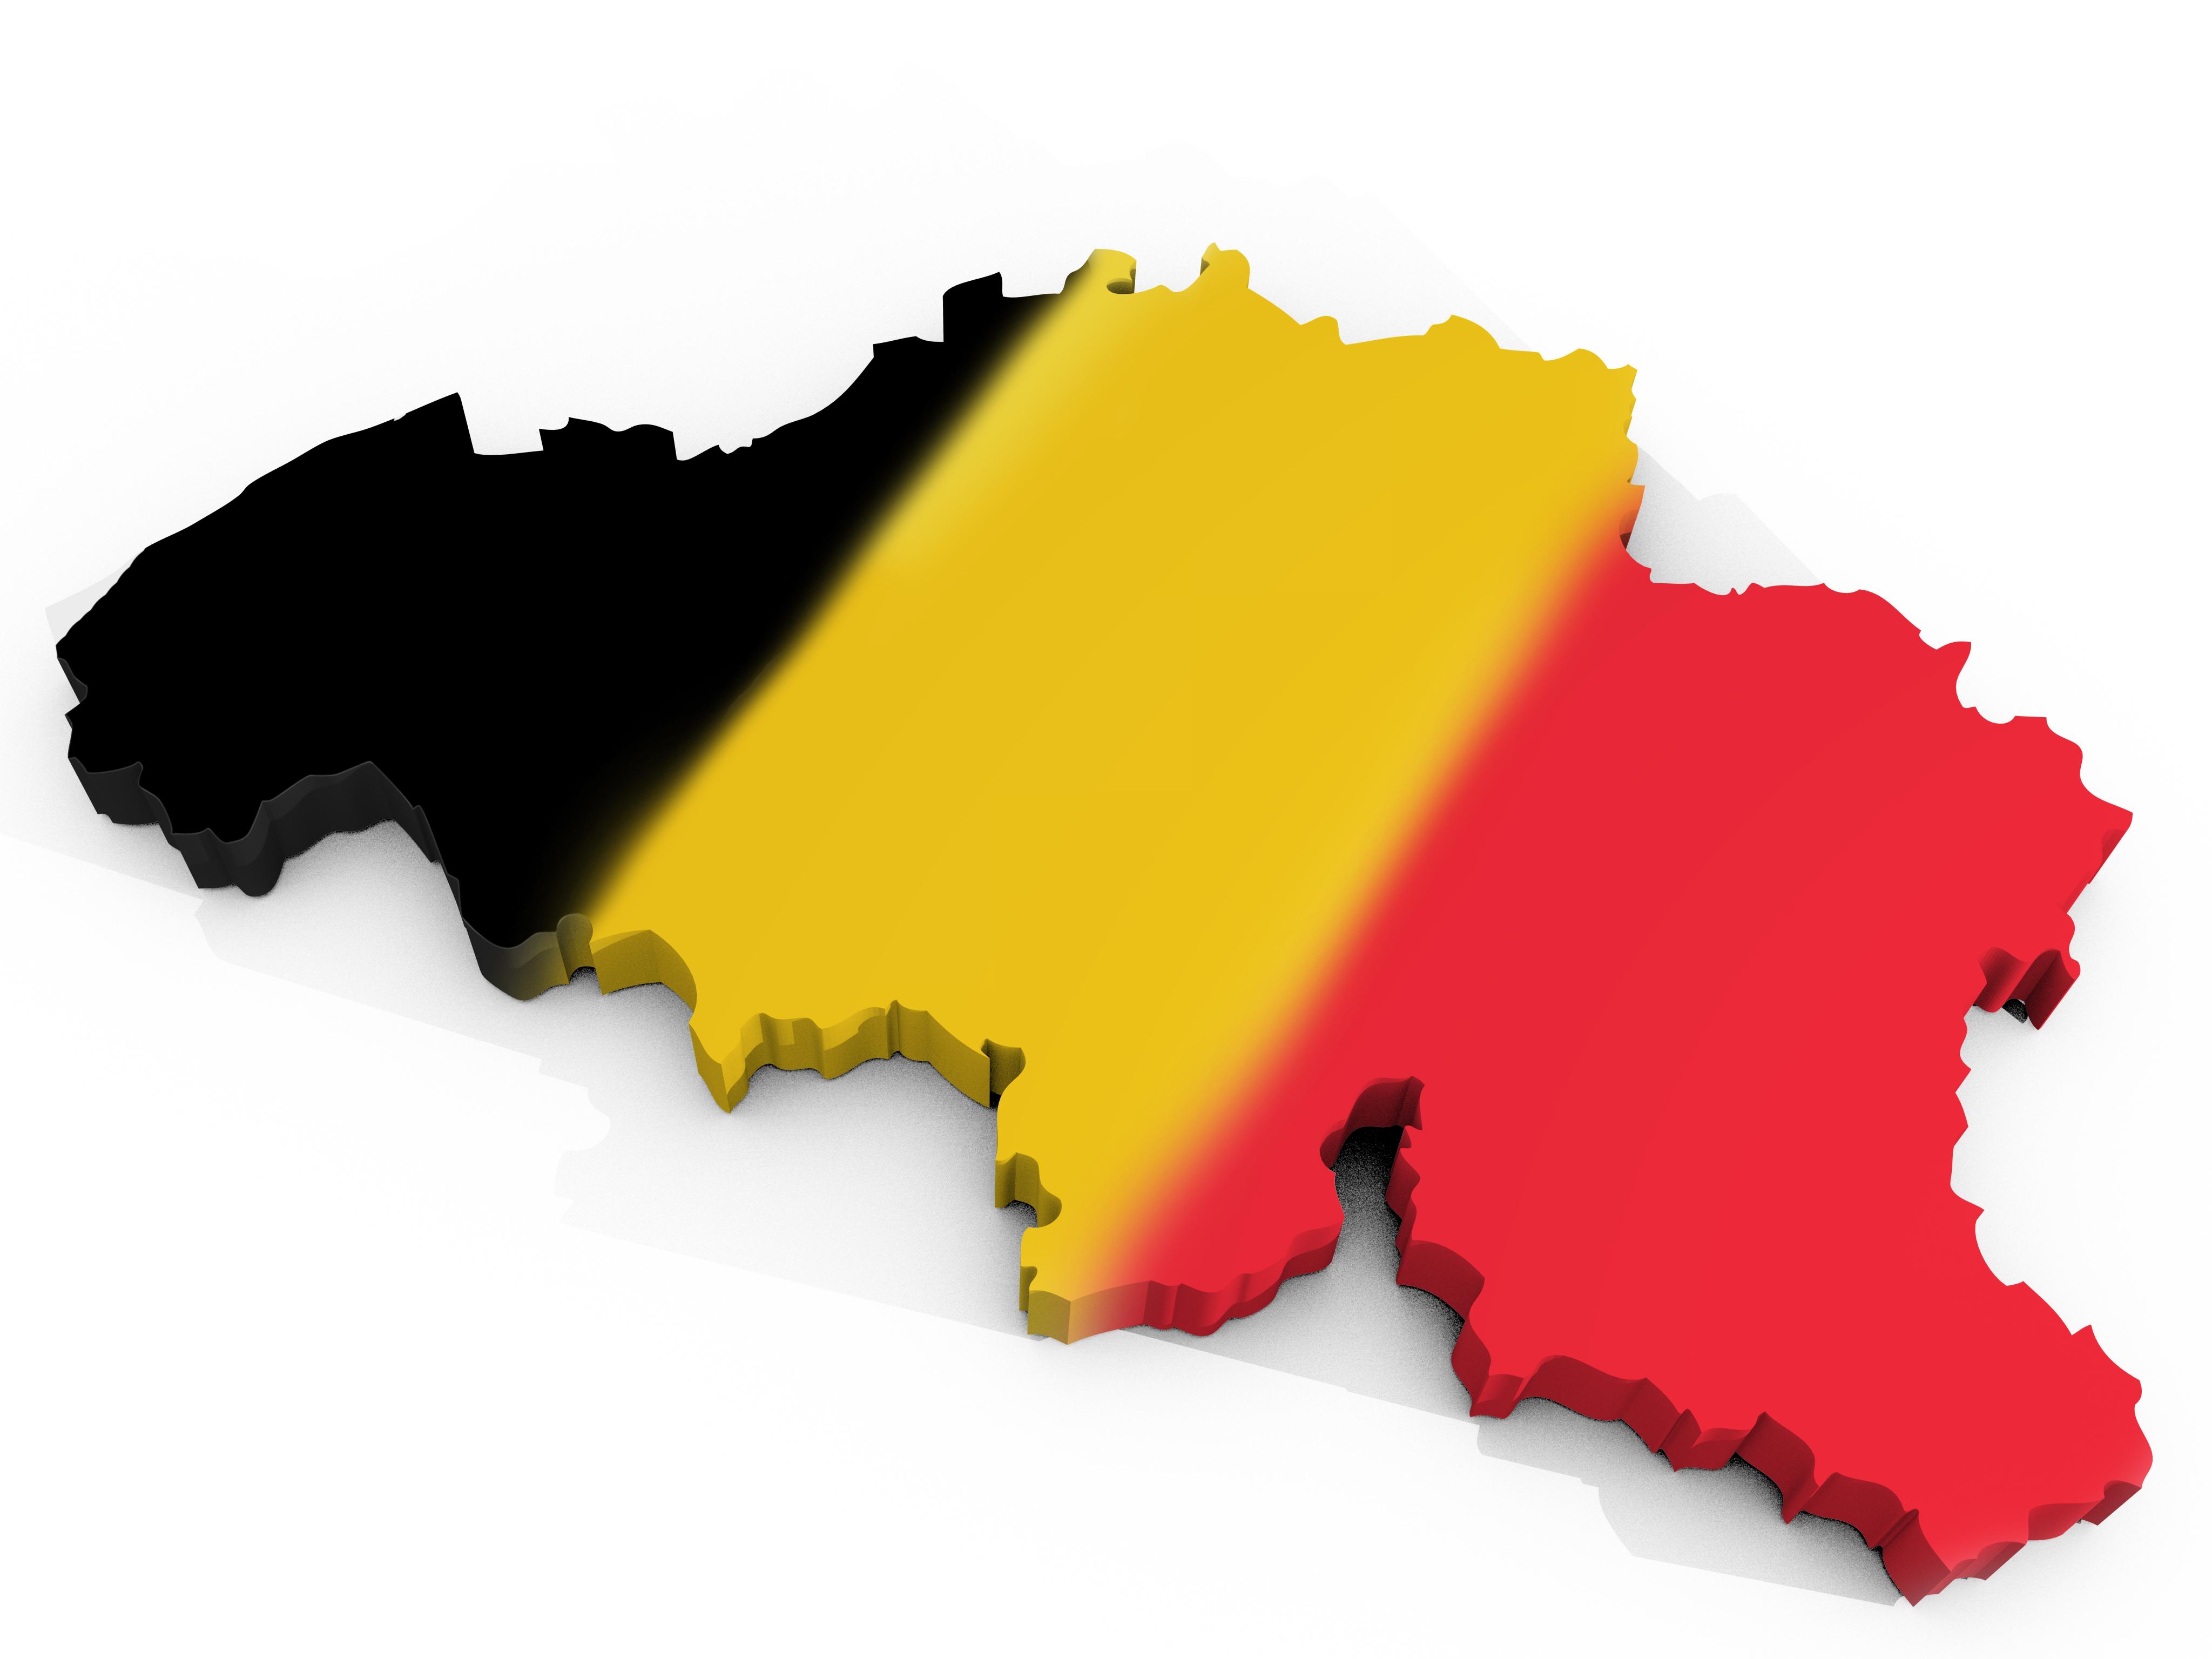 Livraison Armagnac en Belgique - België